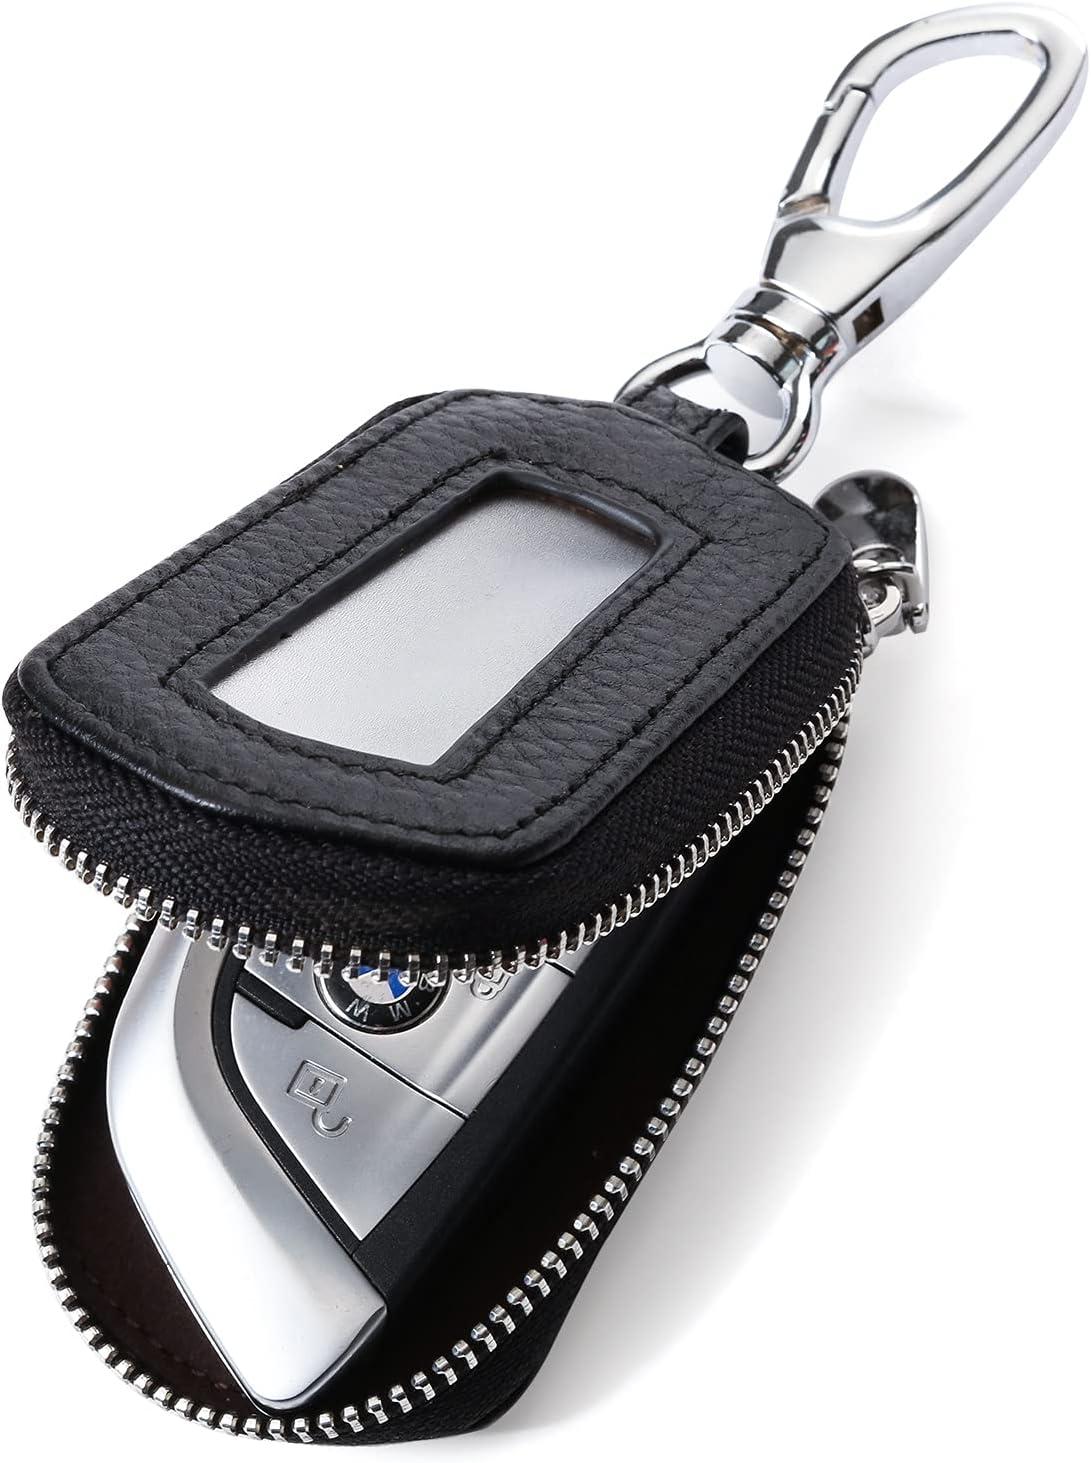 VSLIH Universal Vehicle Car Max 52% OFF Key case Genuine Smart Direct sale of manufacturer Leather K